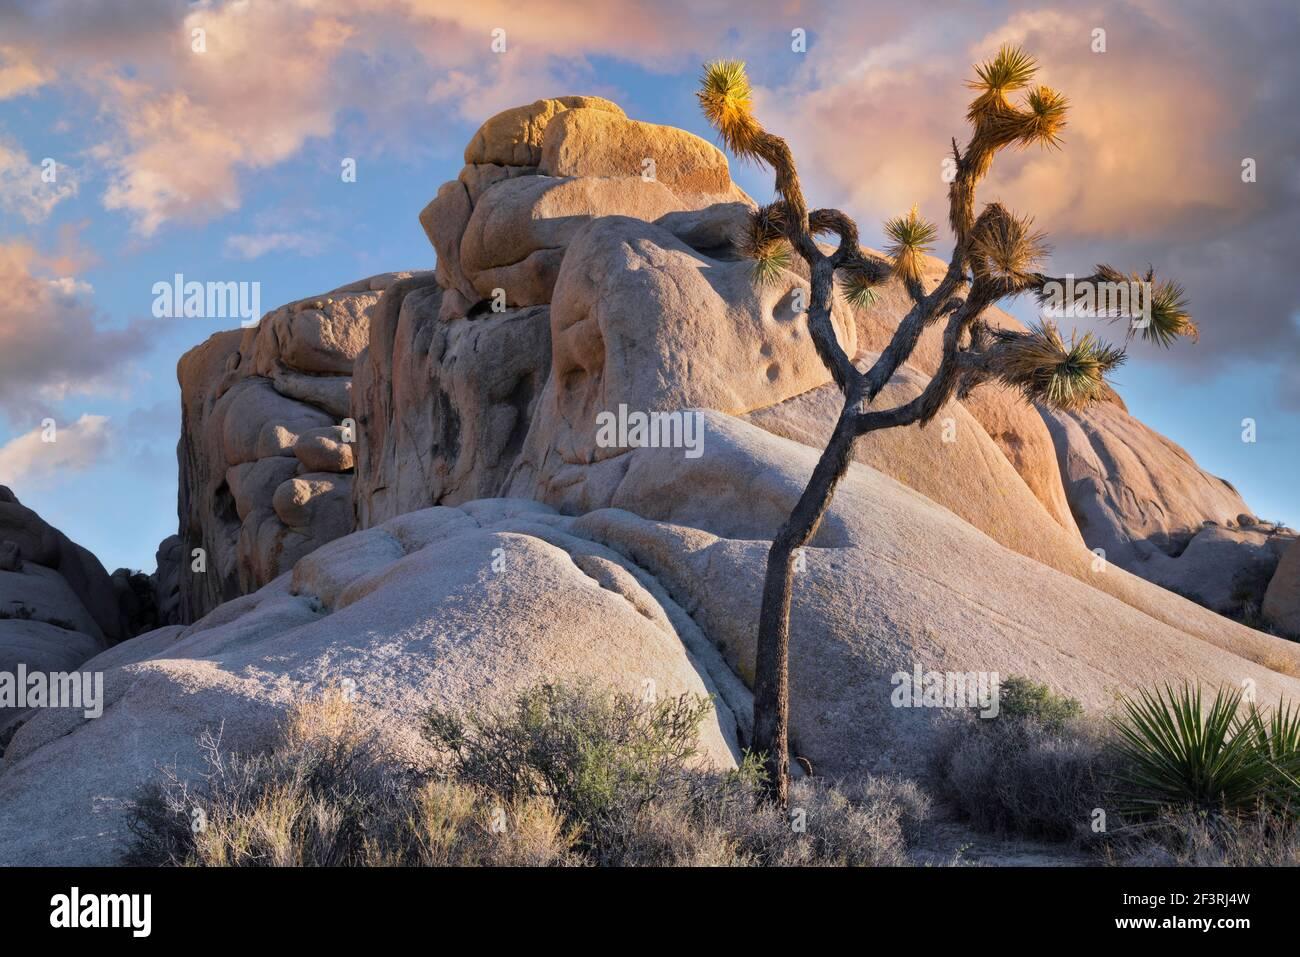 Chaleur au coucher du soleil sur Jumbo Rocks et ce grand Joshua Tree dans le parc national de Joshua Tree, dans le sud de la Californie. Banque D'Images